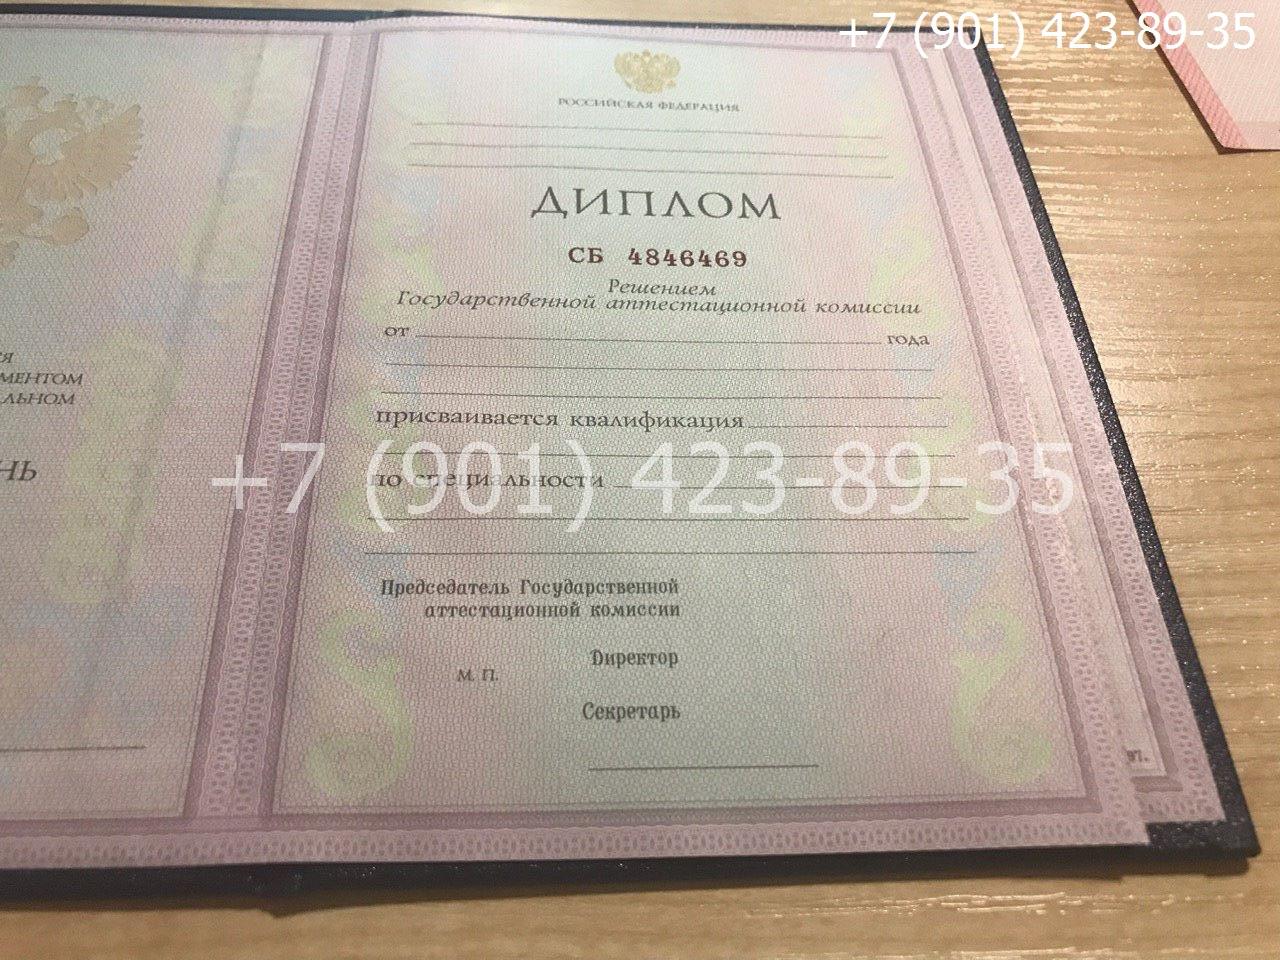 Диплом техникума 1997-2003 годов, образец, титульный лист-1